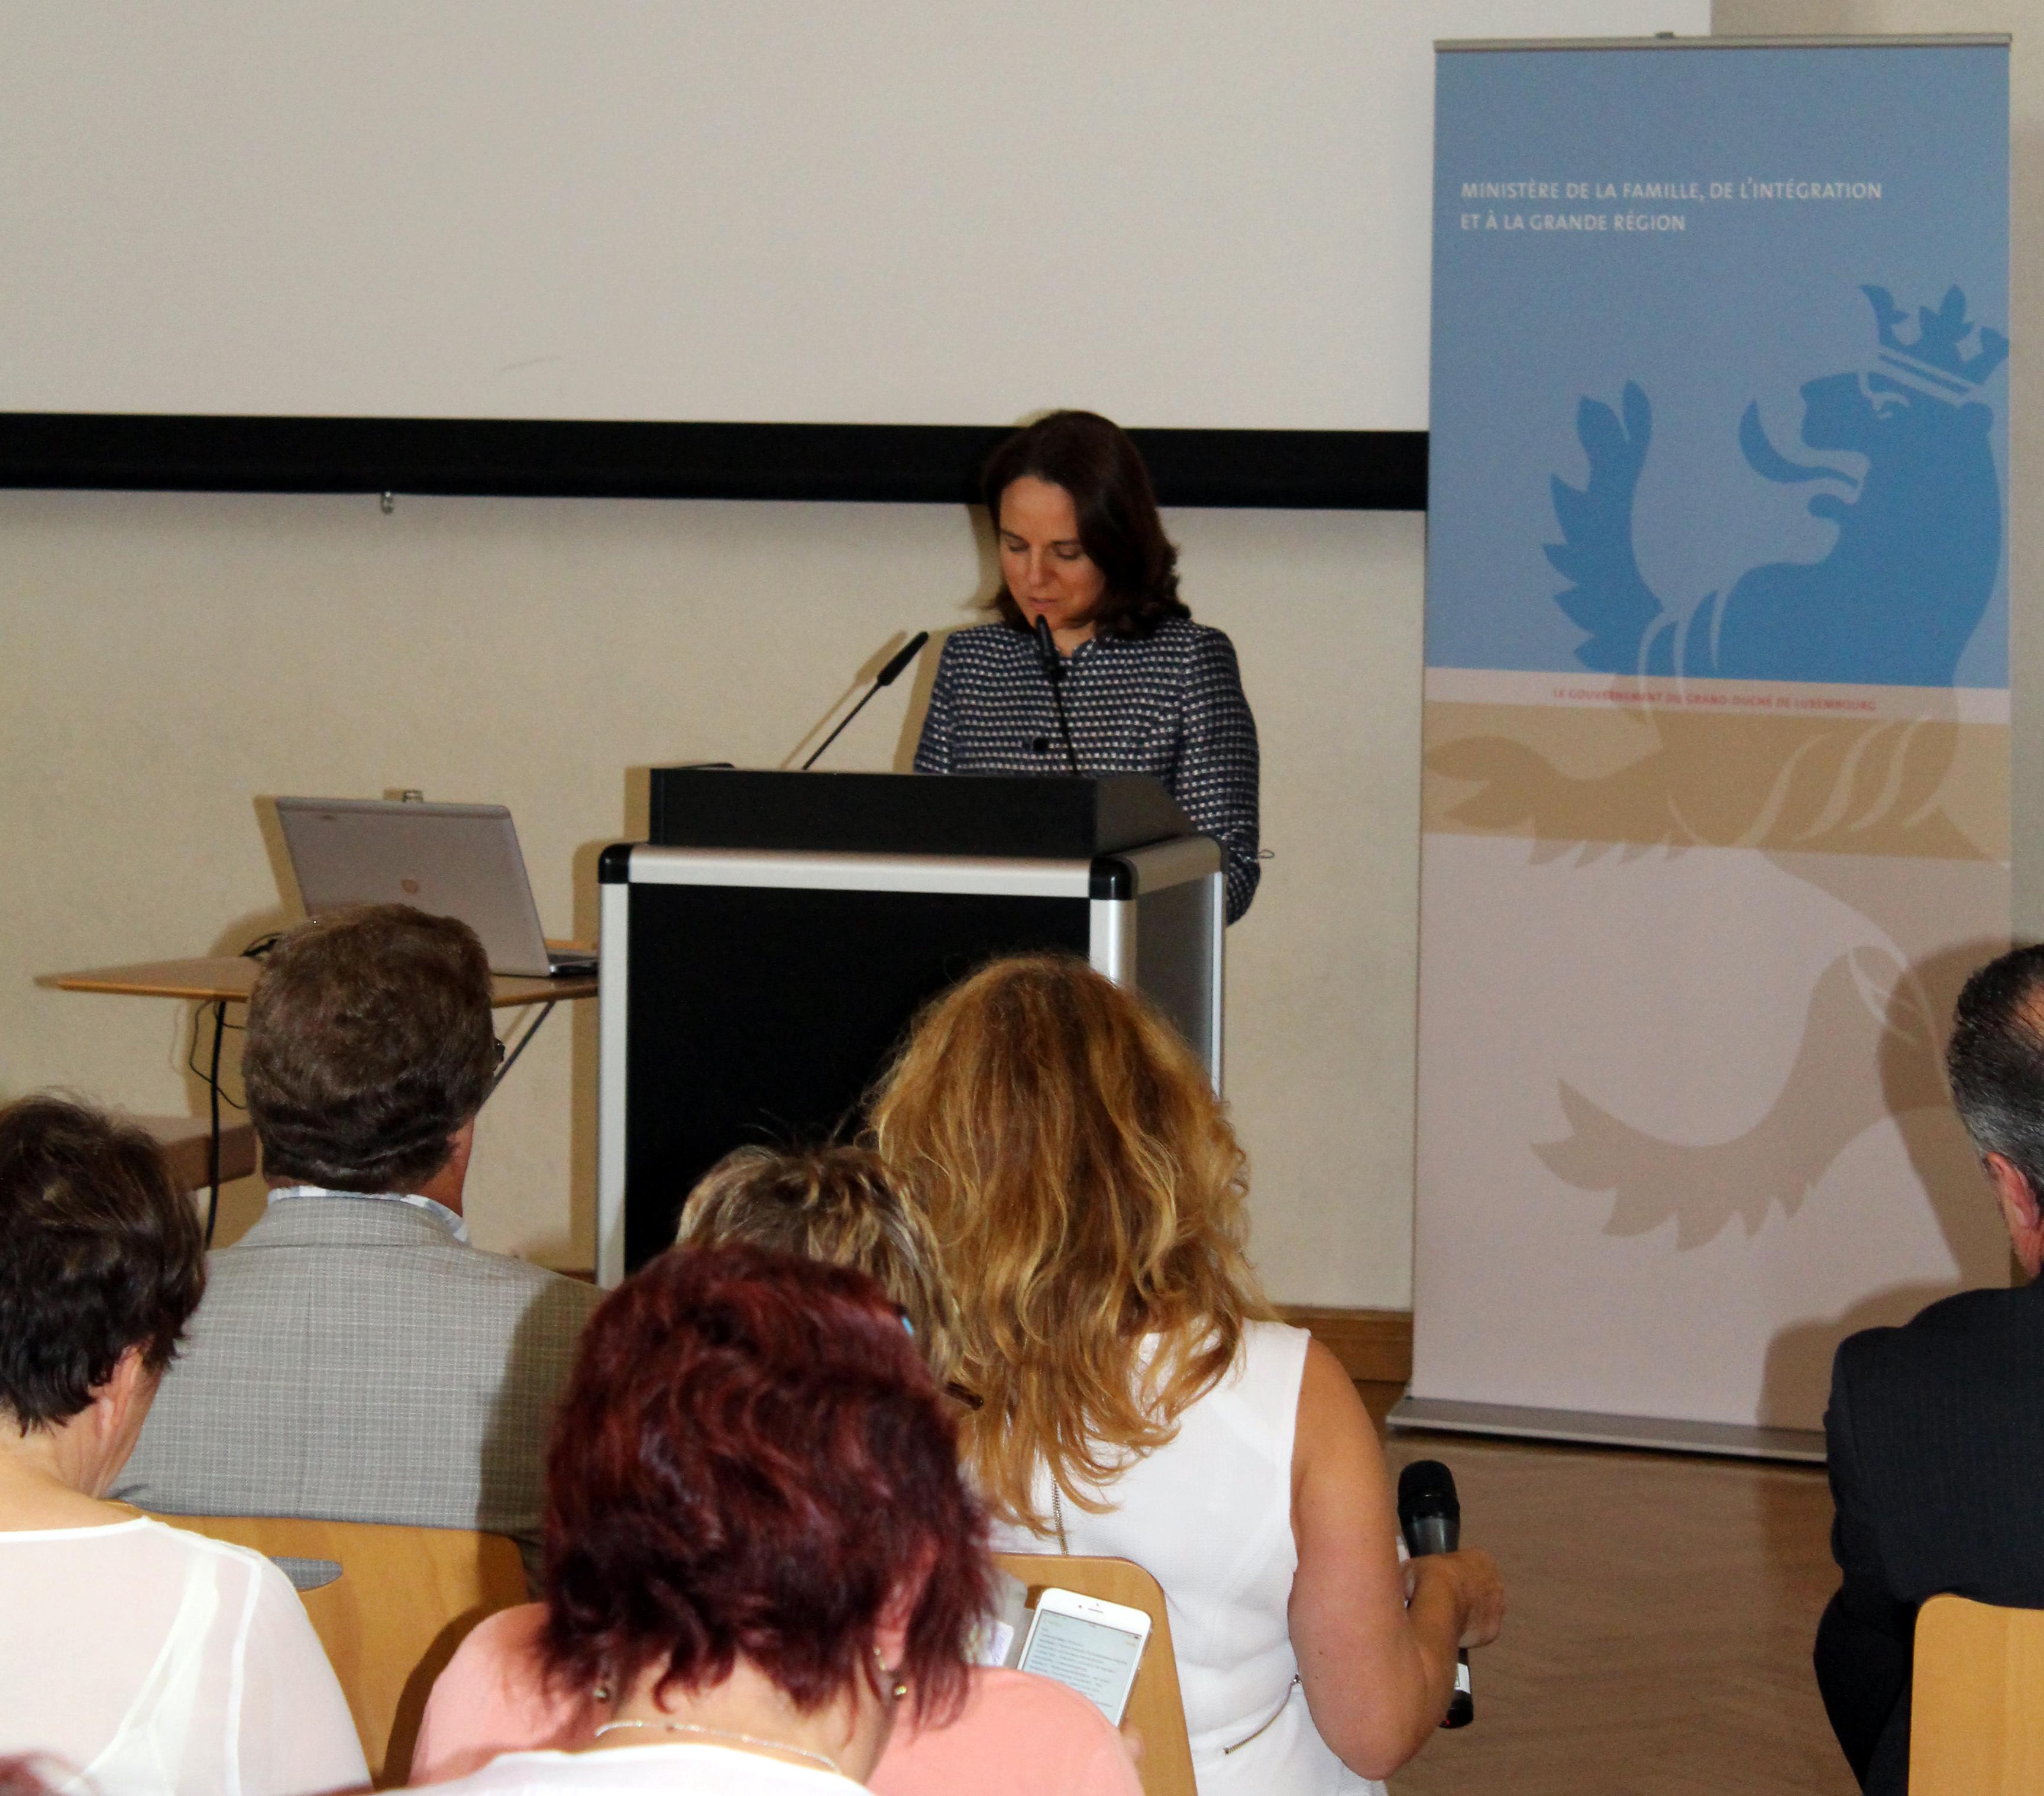 La ministre de la Famille et de l'Intégration, Corinne Cahen, lors du forum.